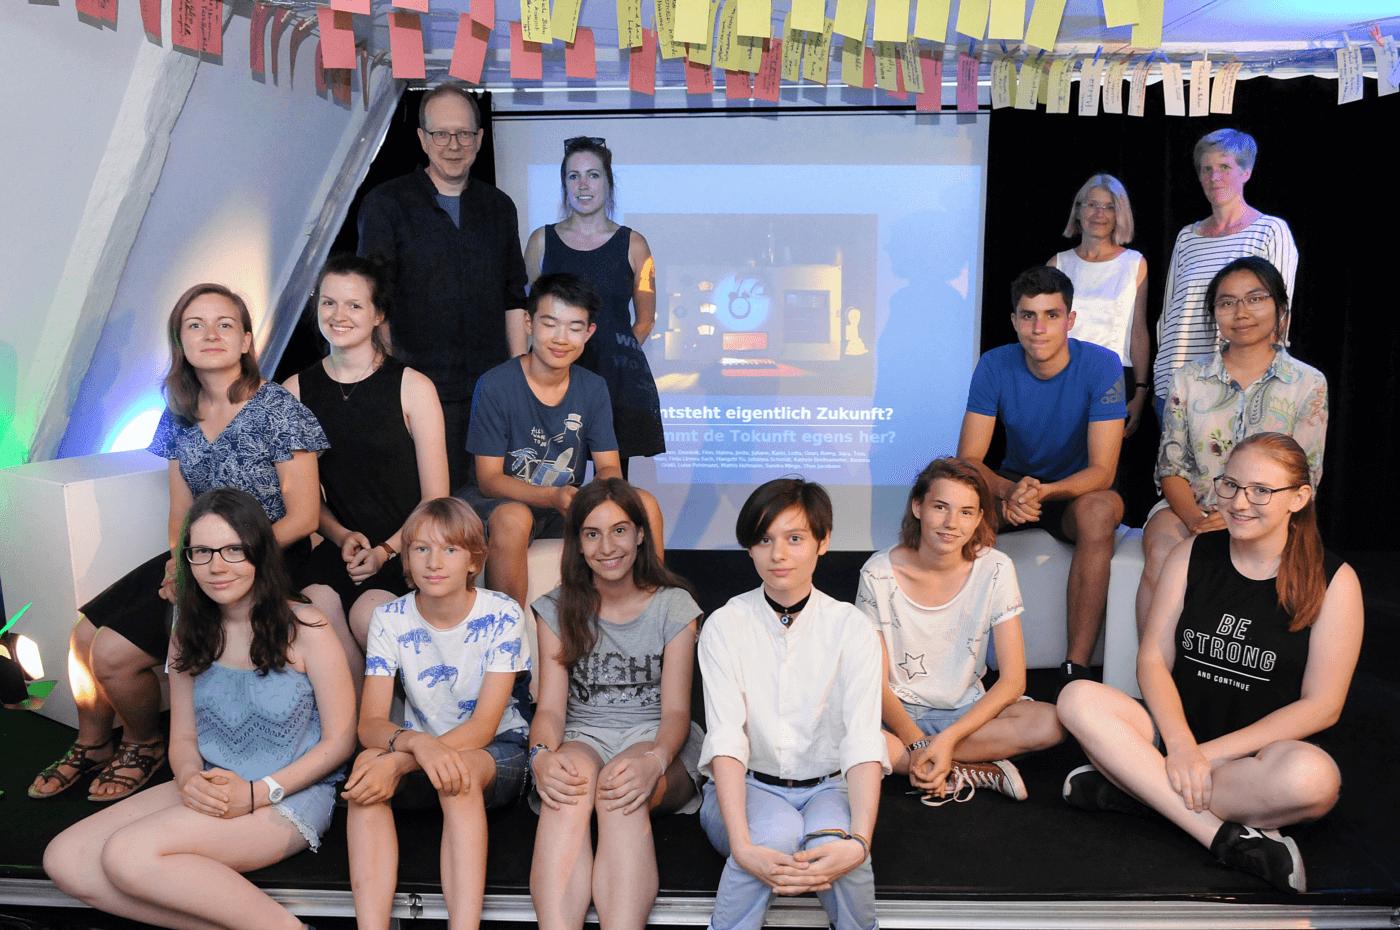 """Im Rahmen des Projekts """"Das weiße Blatt – Weltbilder und Bilderwelten zum Weiterdenken mit Kindern"""" entwickelten Jugendliche Geschichten zur Agenda 2030. © Foto: J. Sauerbrey"""